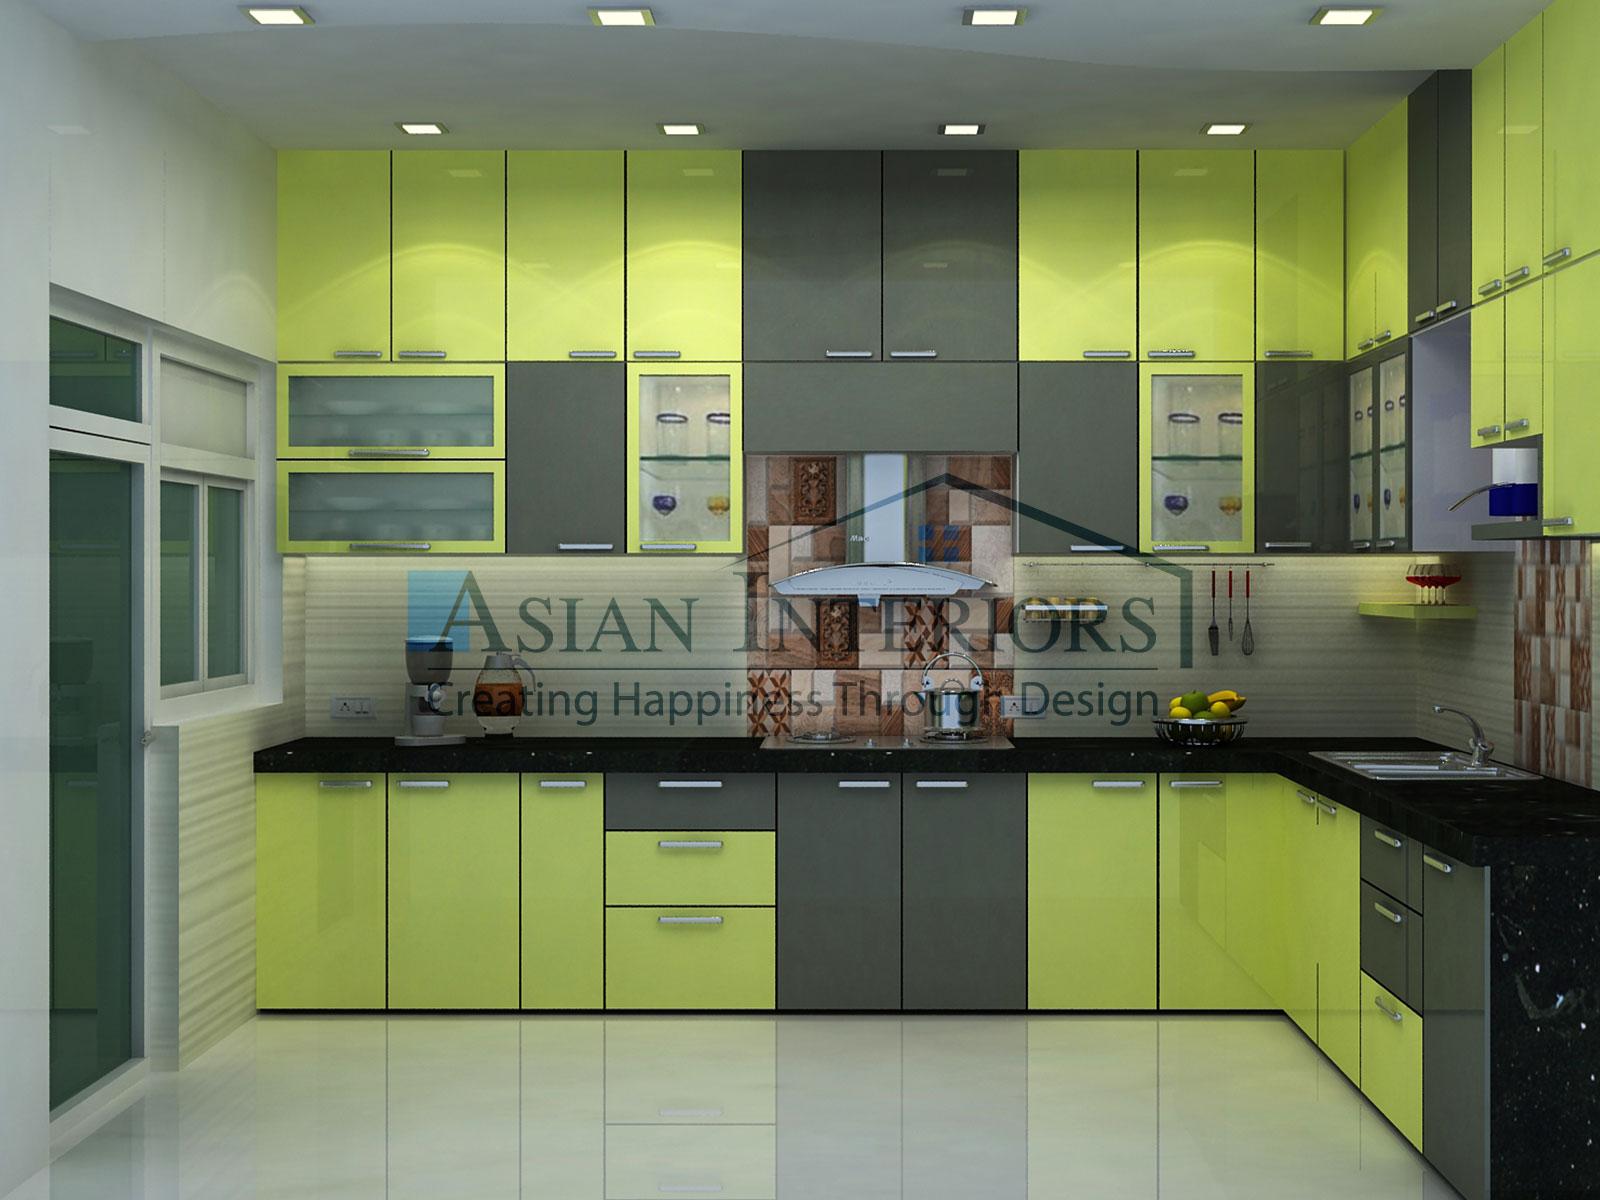 Asian-Interiors-Kitchen5